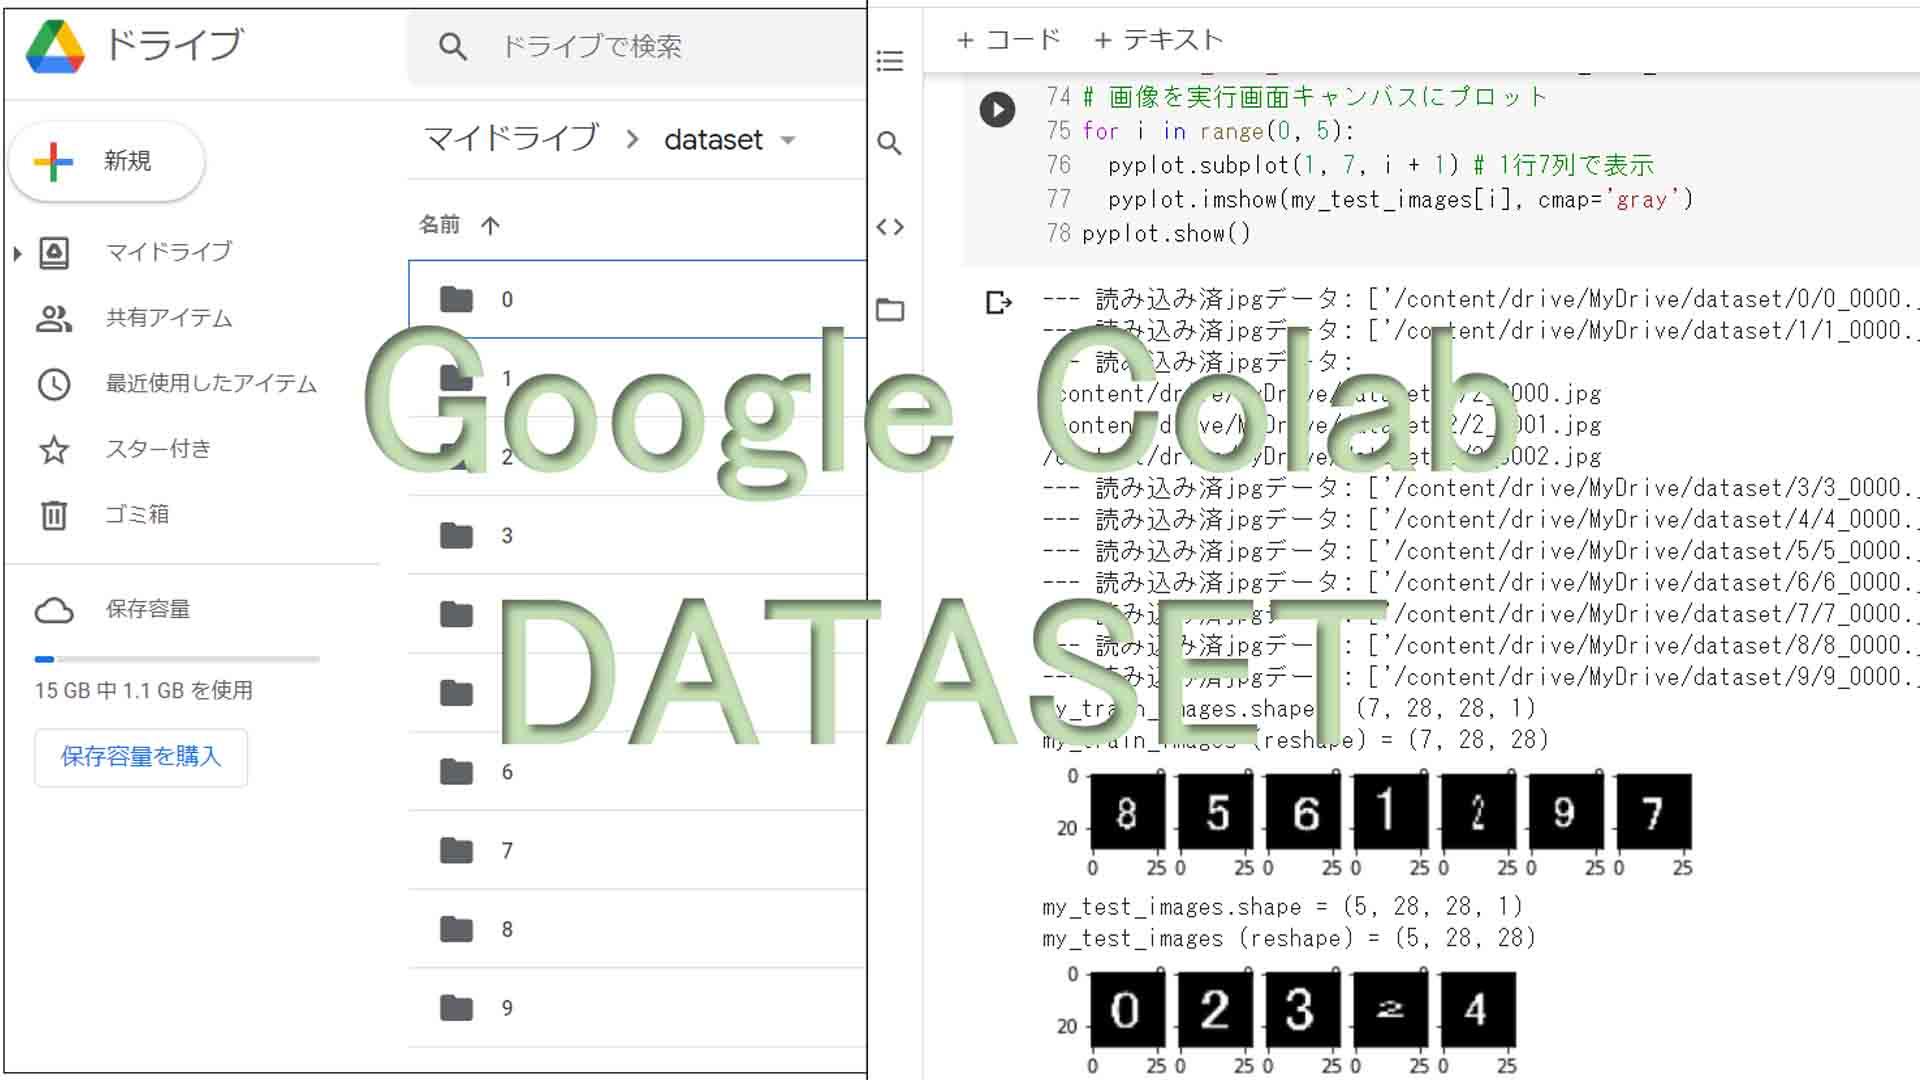 ディープラーニングのお勉強~その11。Google Colabで学習用評価用データセットを自分で作ってみる~